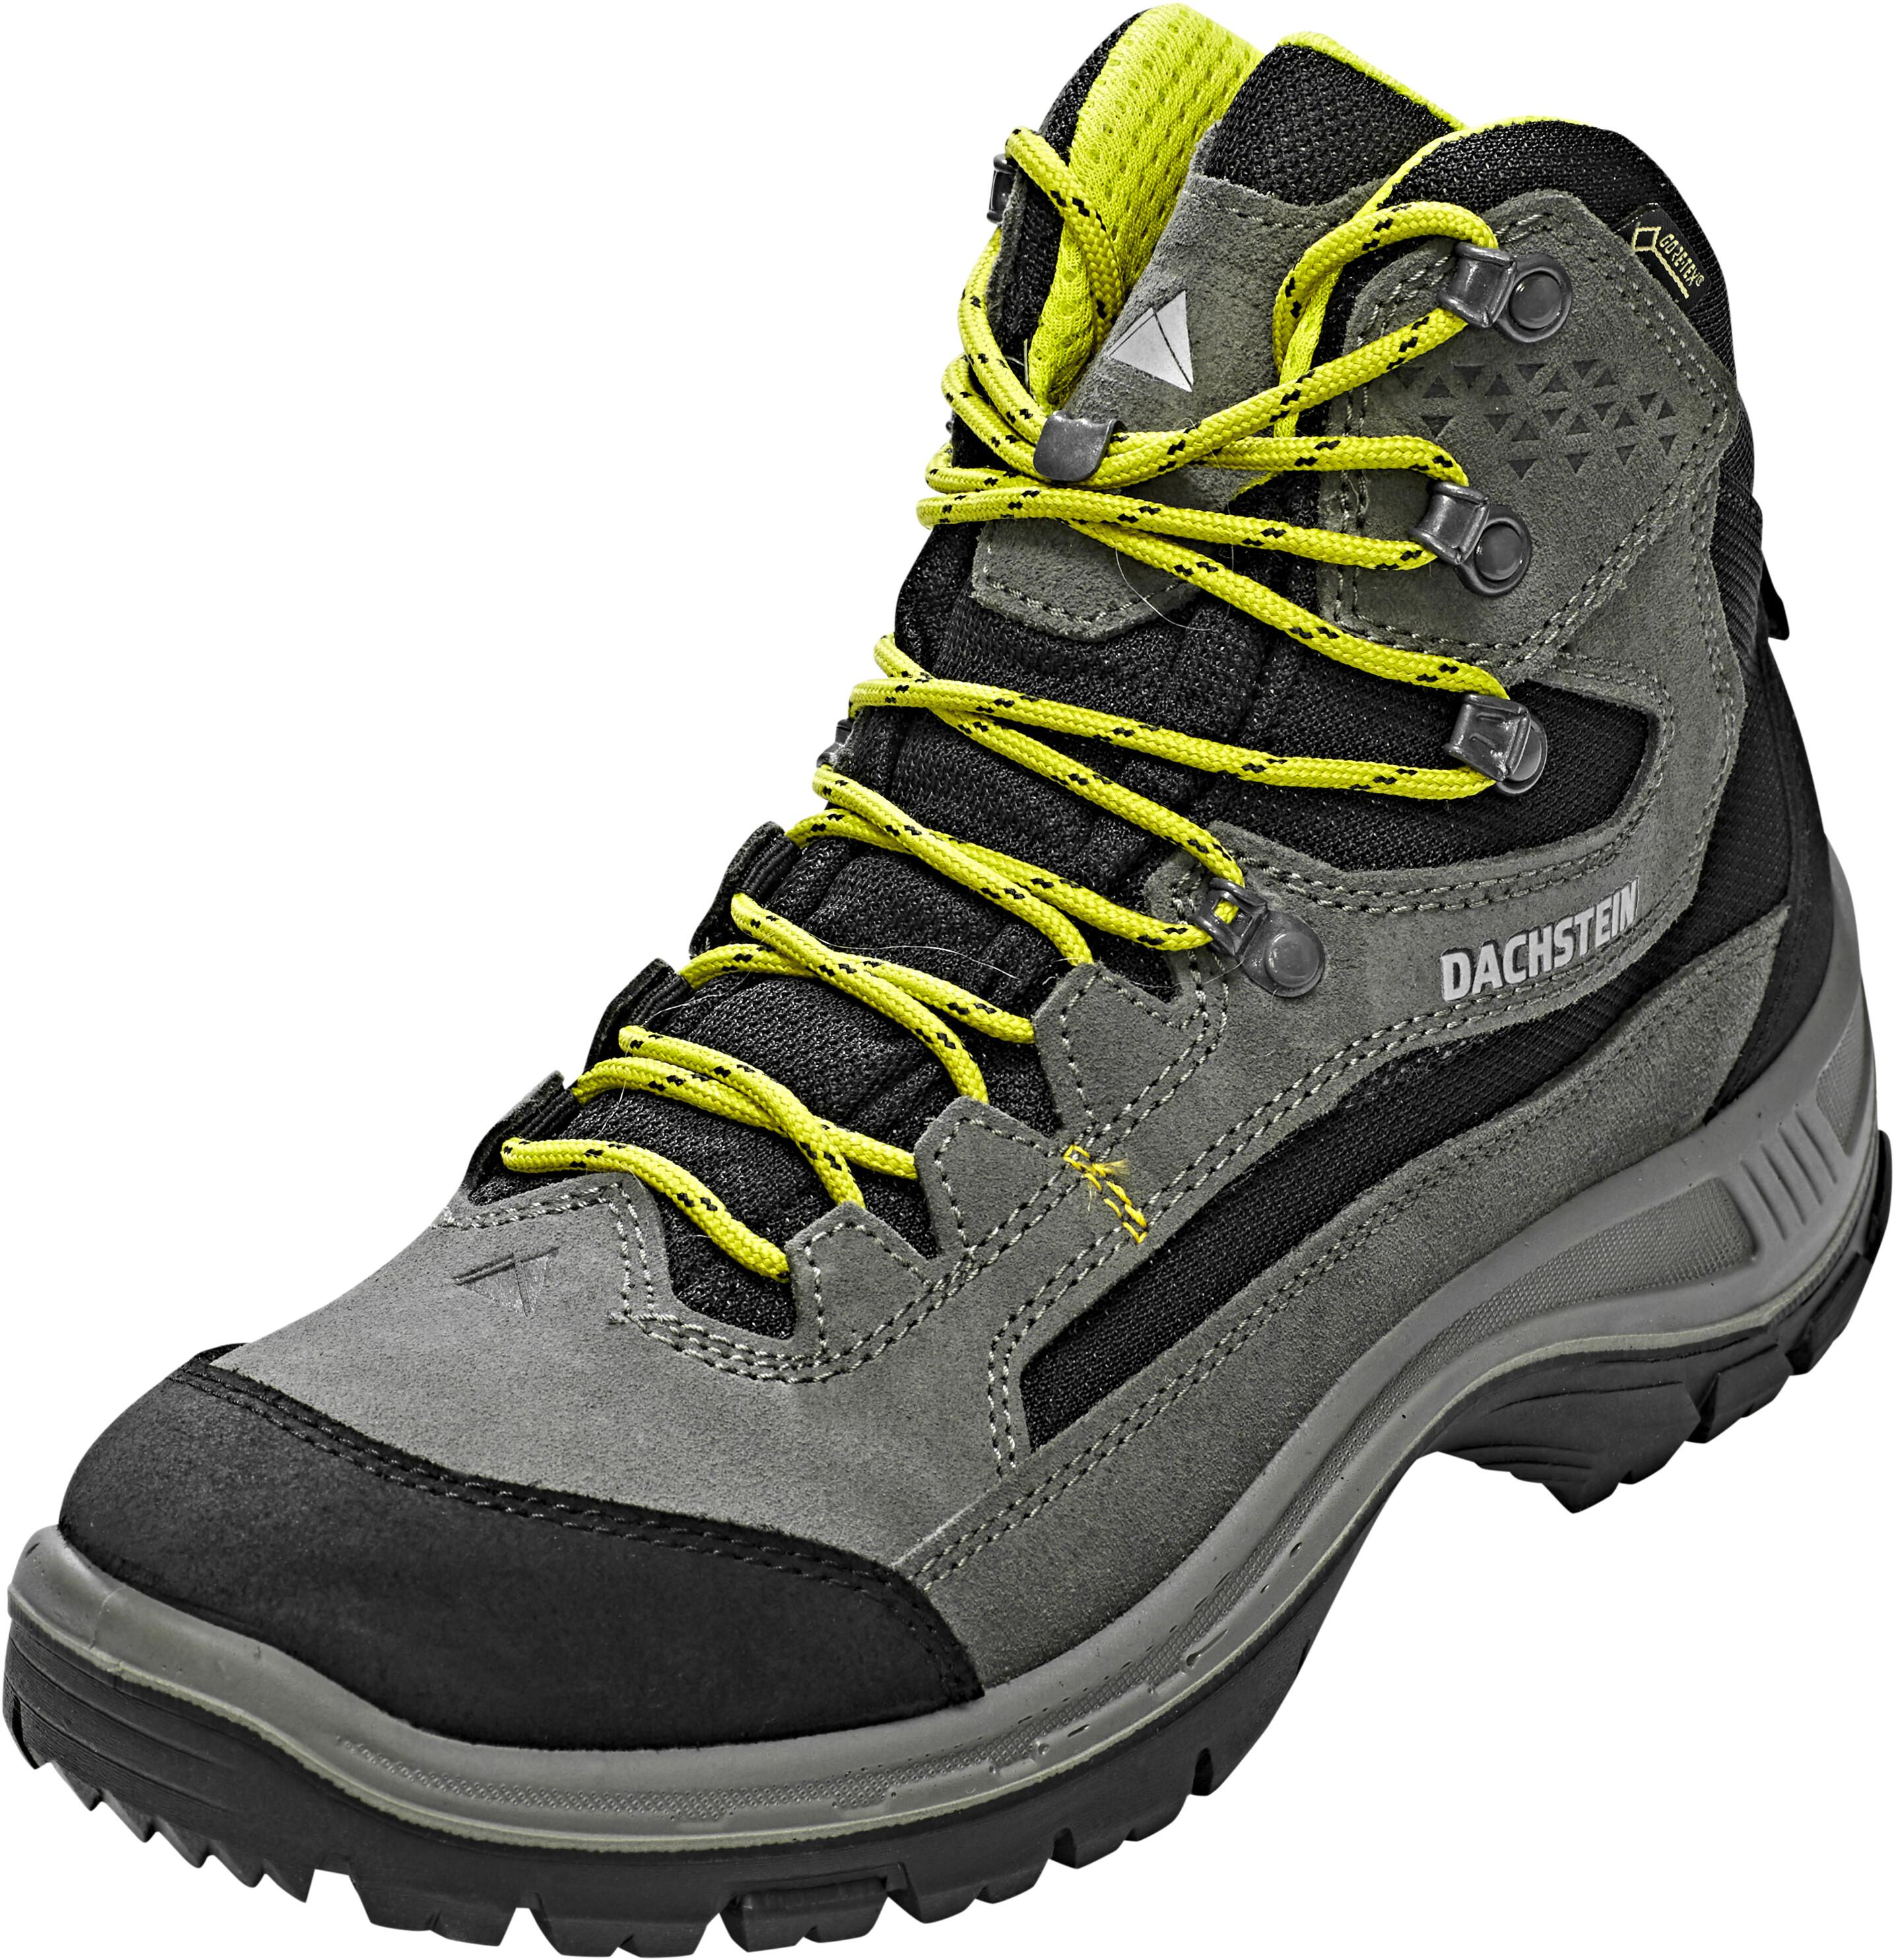 9eabdeb7 Dachstein Schober MC GTX Sko Herrer grå/sort | Find outdoortøj, sko ...